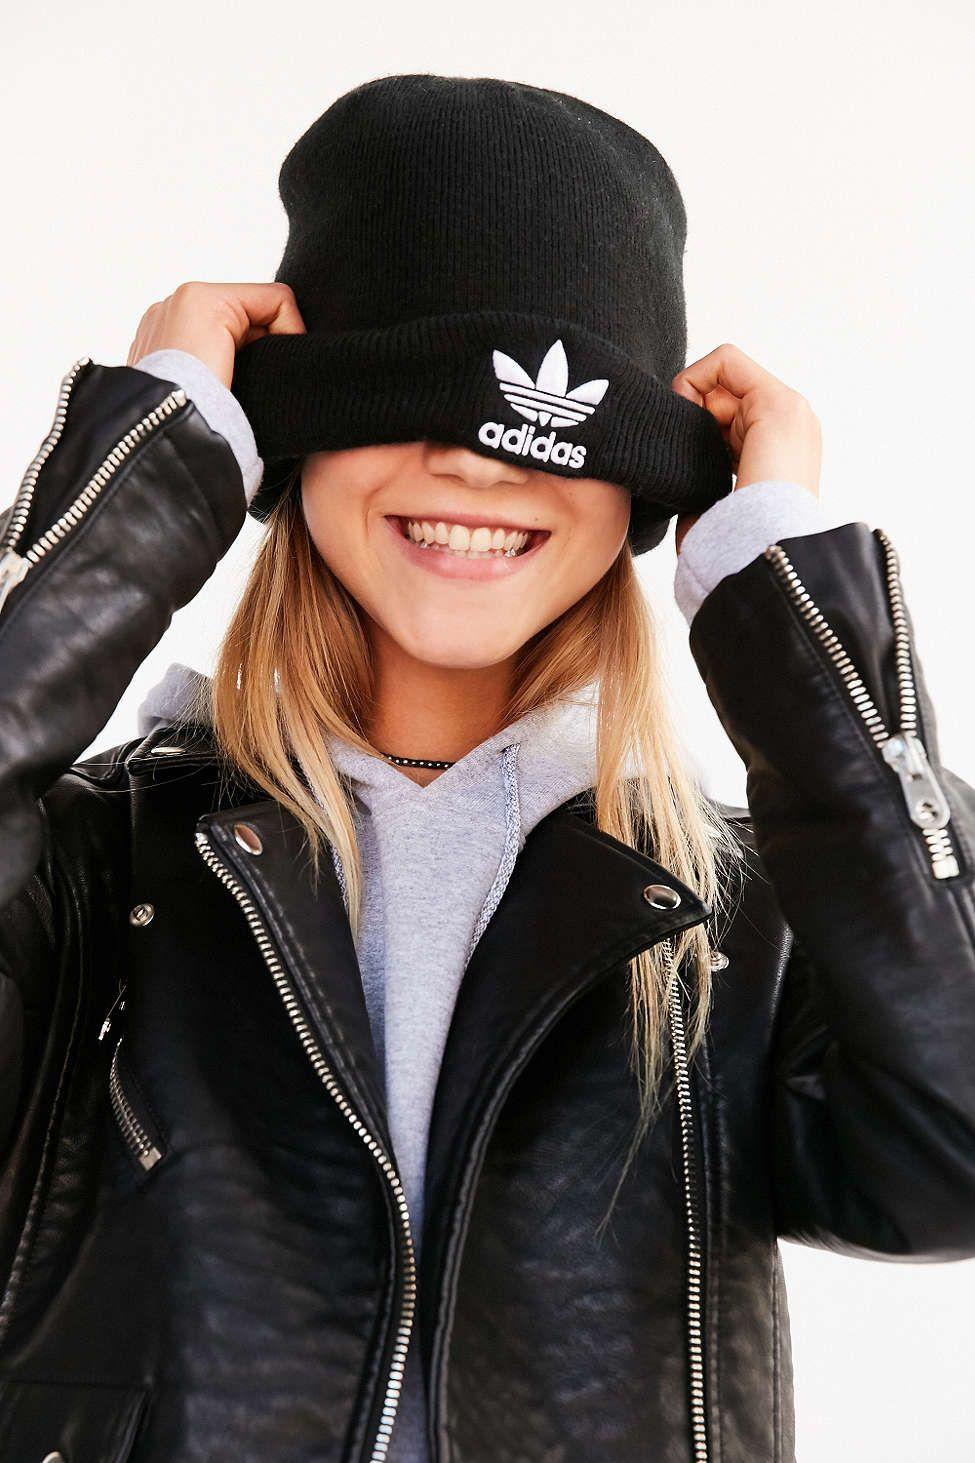 e26b3c6fe8b adidas Originals Trefoil Cuff Beanie - Urban Outfitters